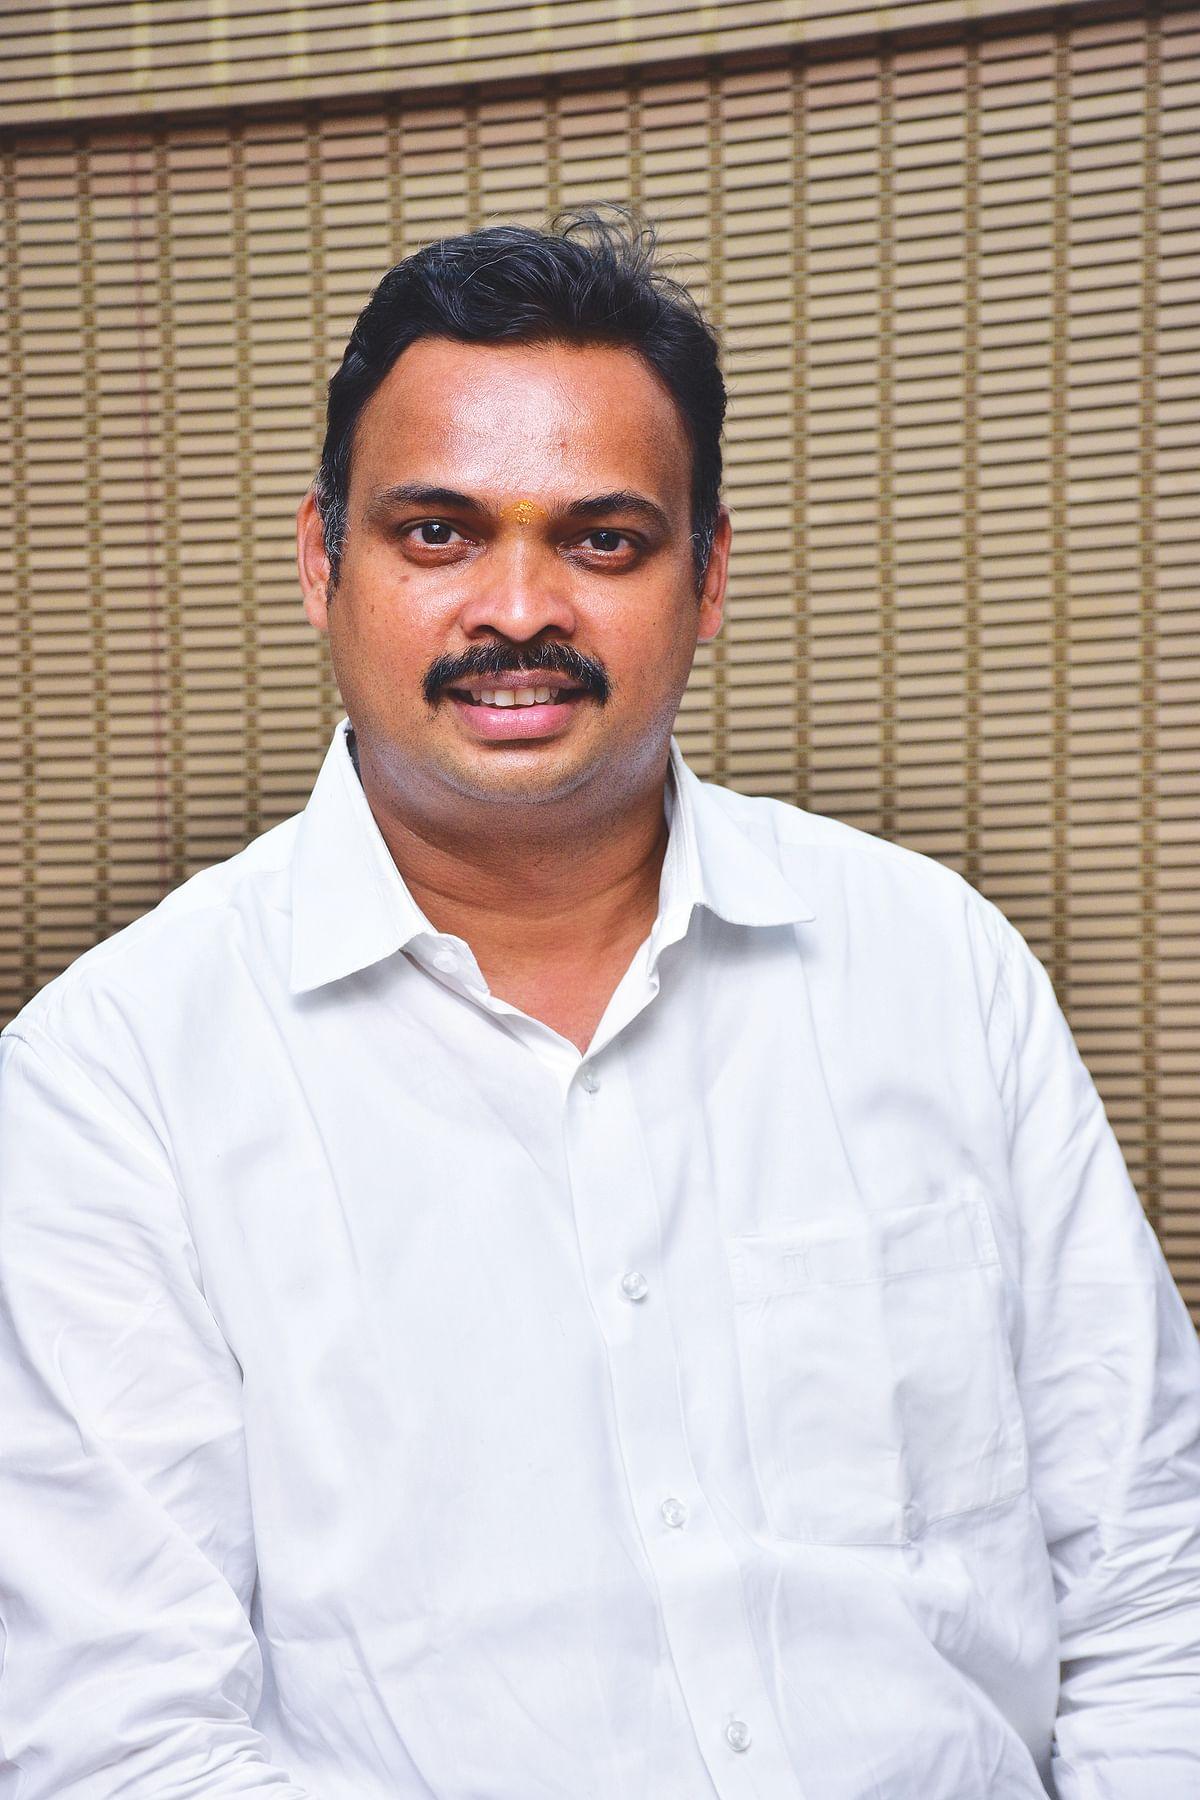 ஆடிட்டர் கோபால் கிருஷ்ண ராஜு